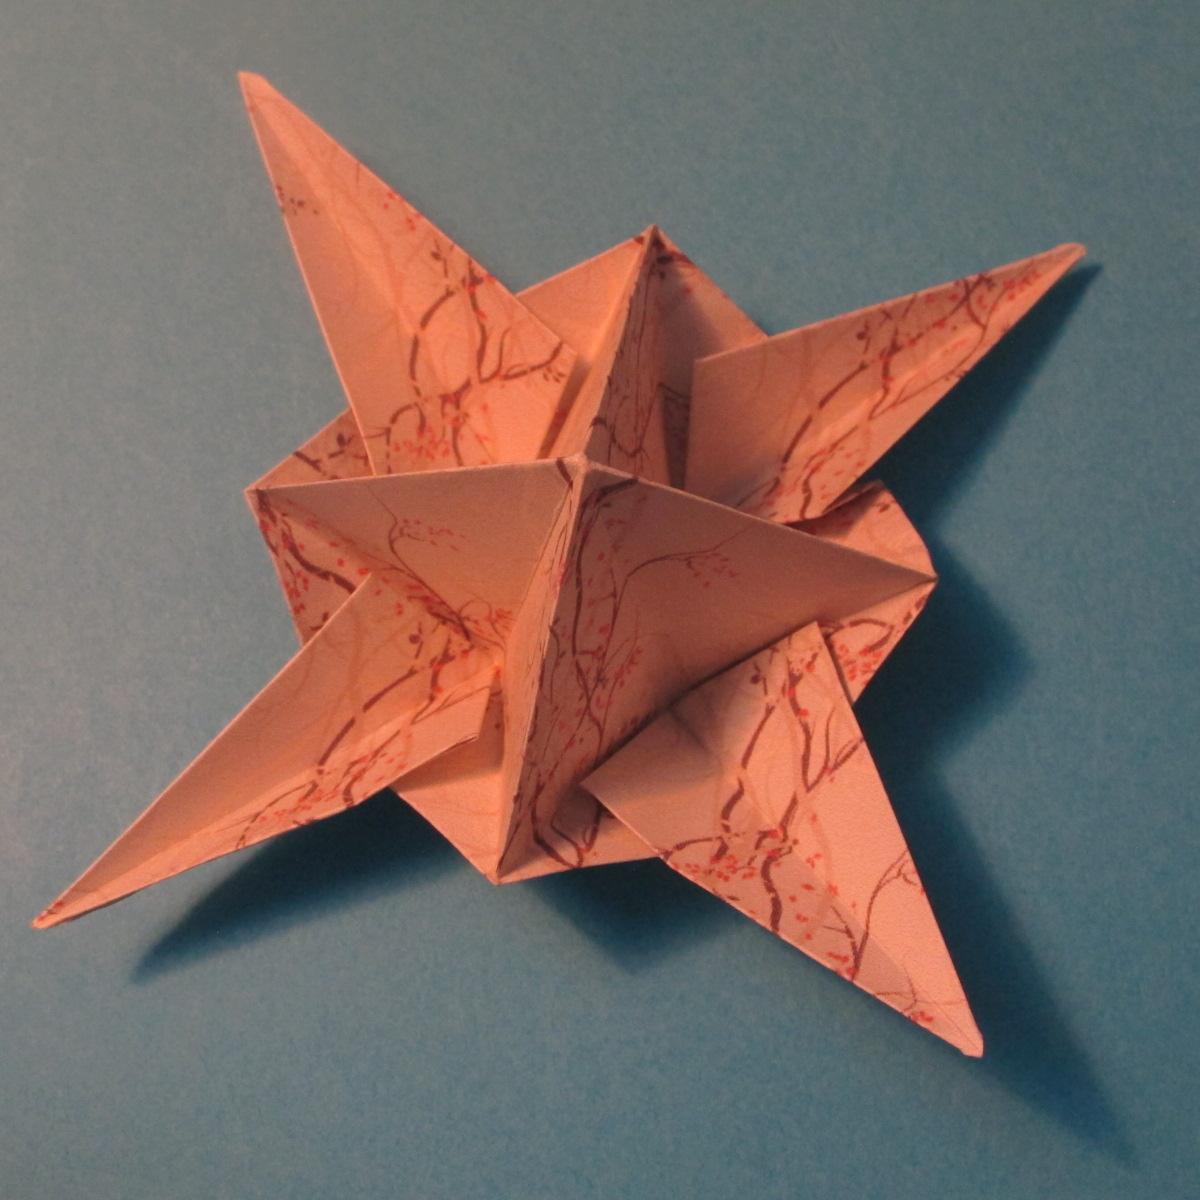 วิธีการพับกระดาษเป็นดาวสี่แฉก 021